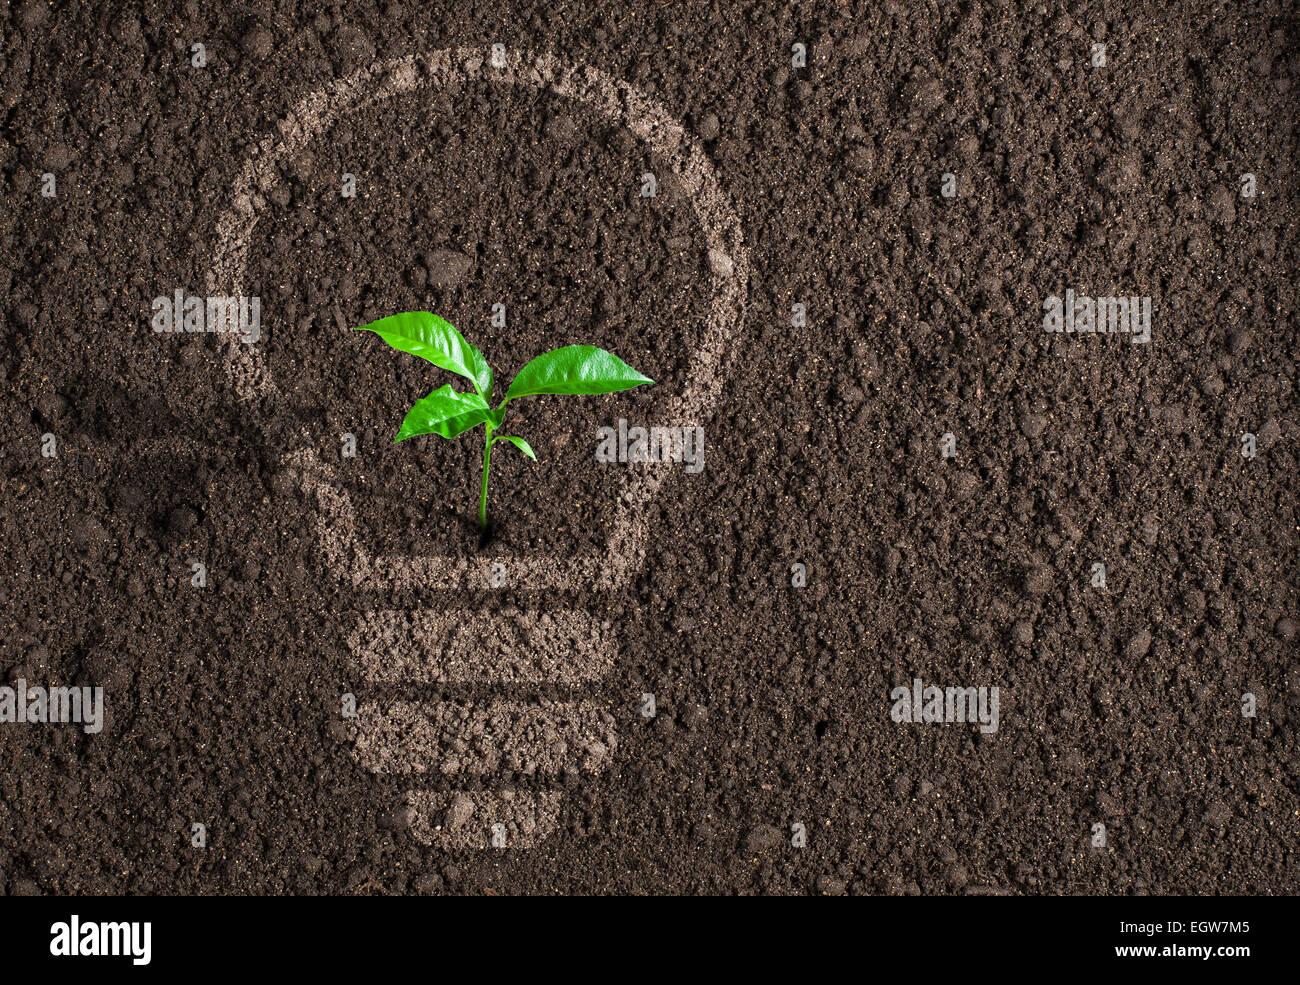 Grüne Pflanze in der Glühbirne Silhouette auf Boden-Hintergrund Stockbild